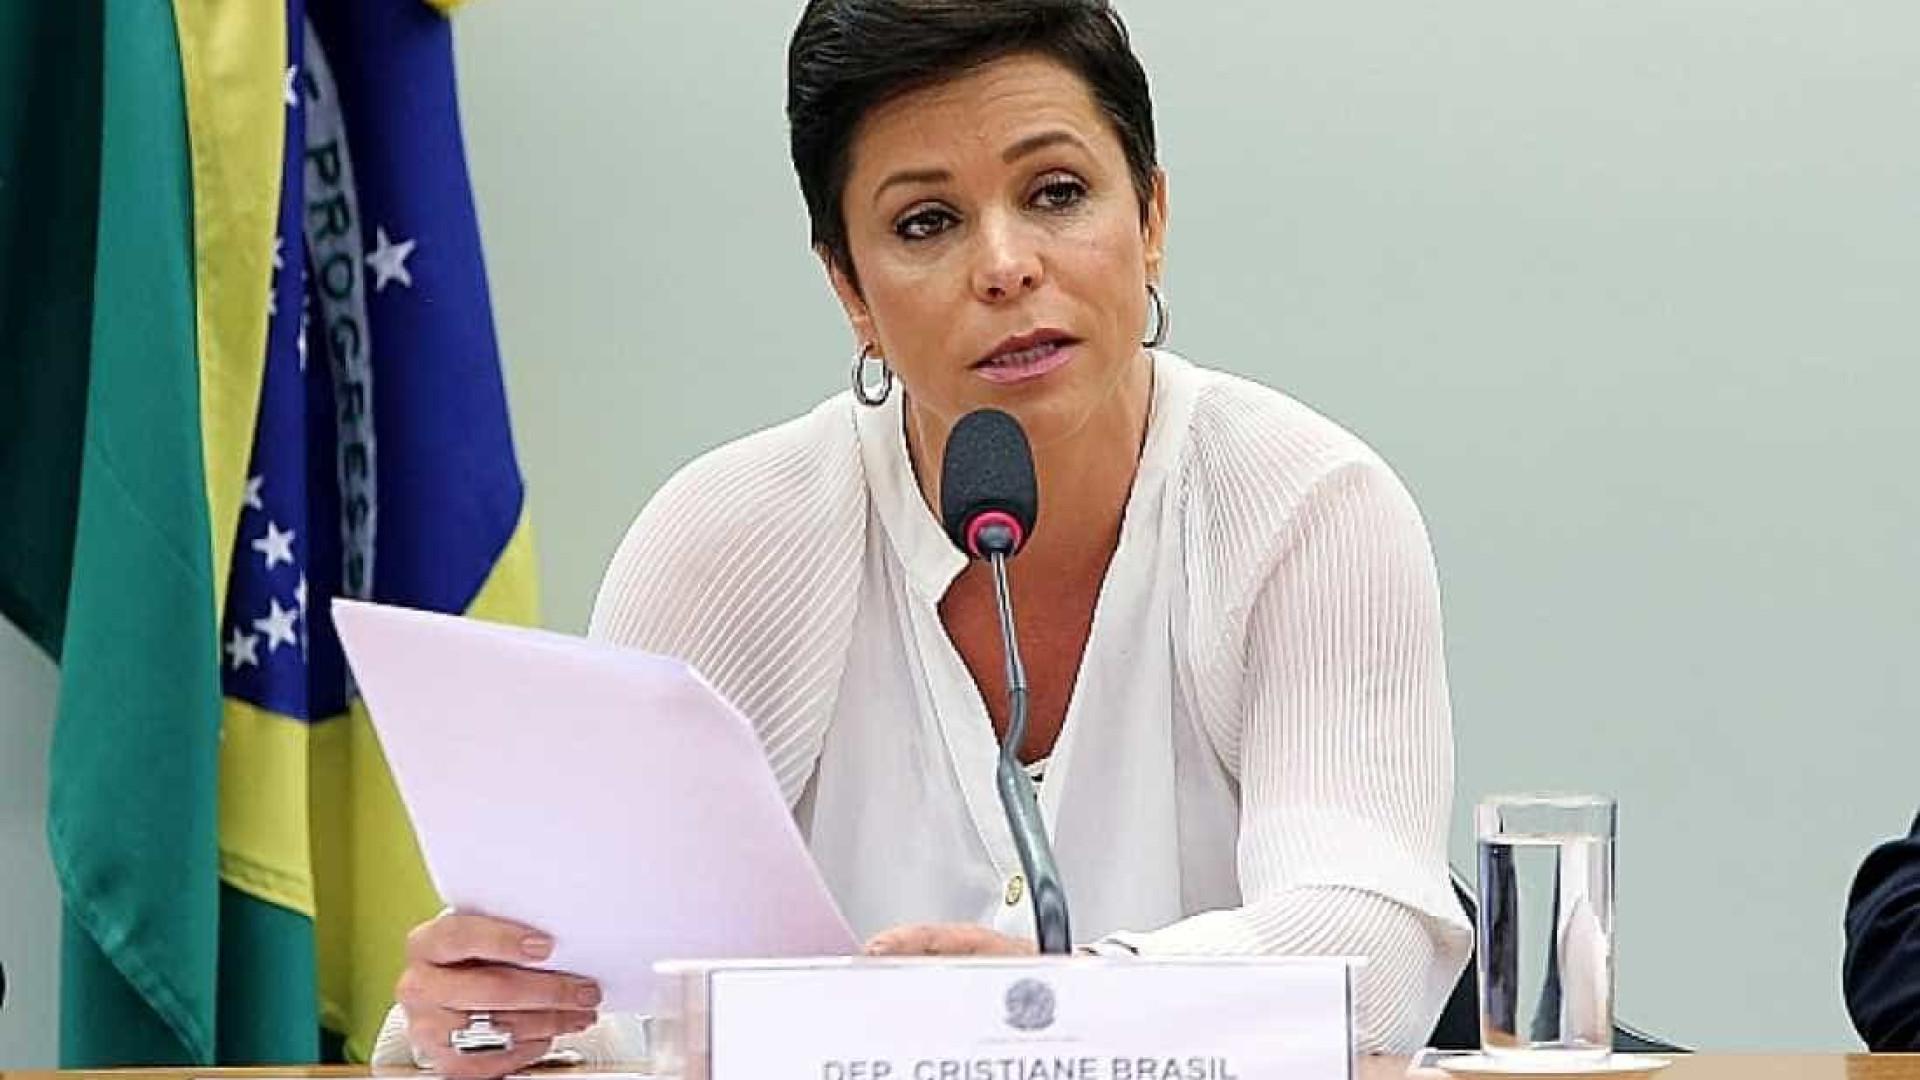 Mesmo suspensa, Cristiane Brasil mantém influência em ministério